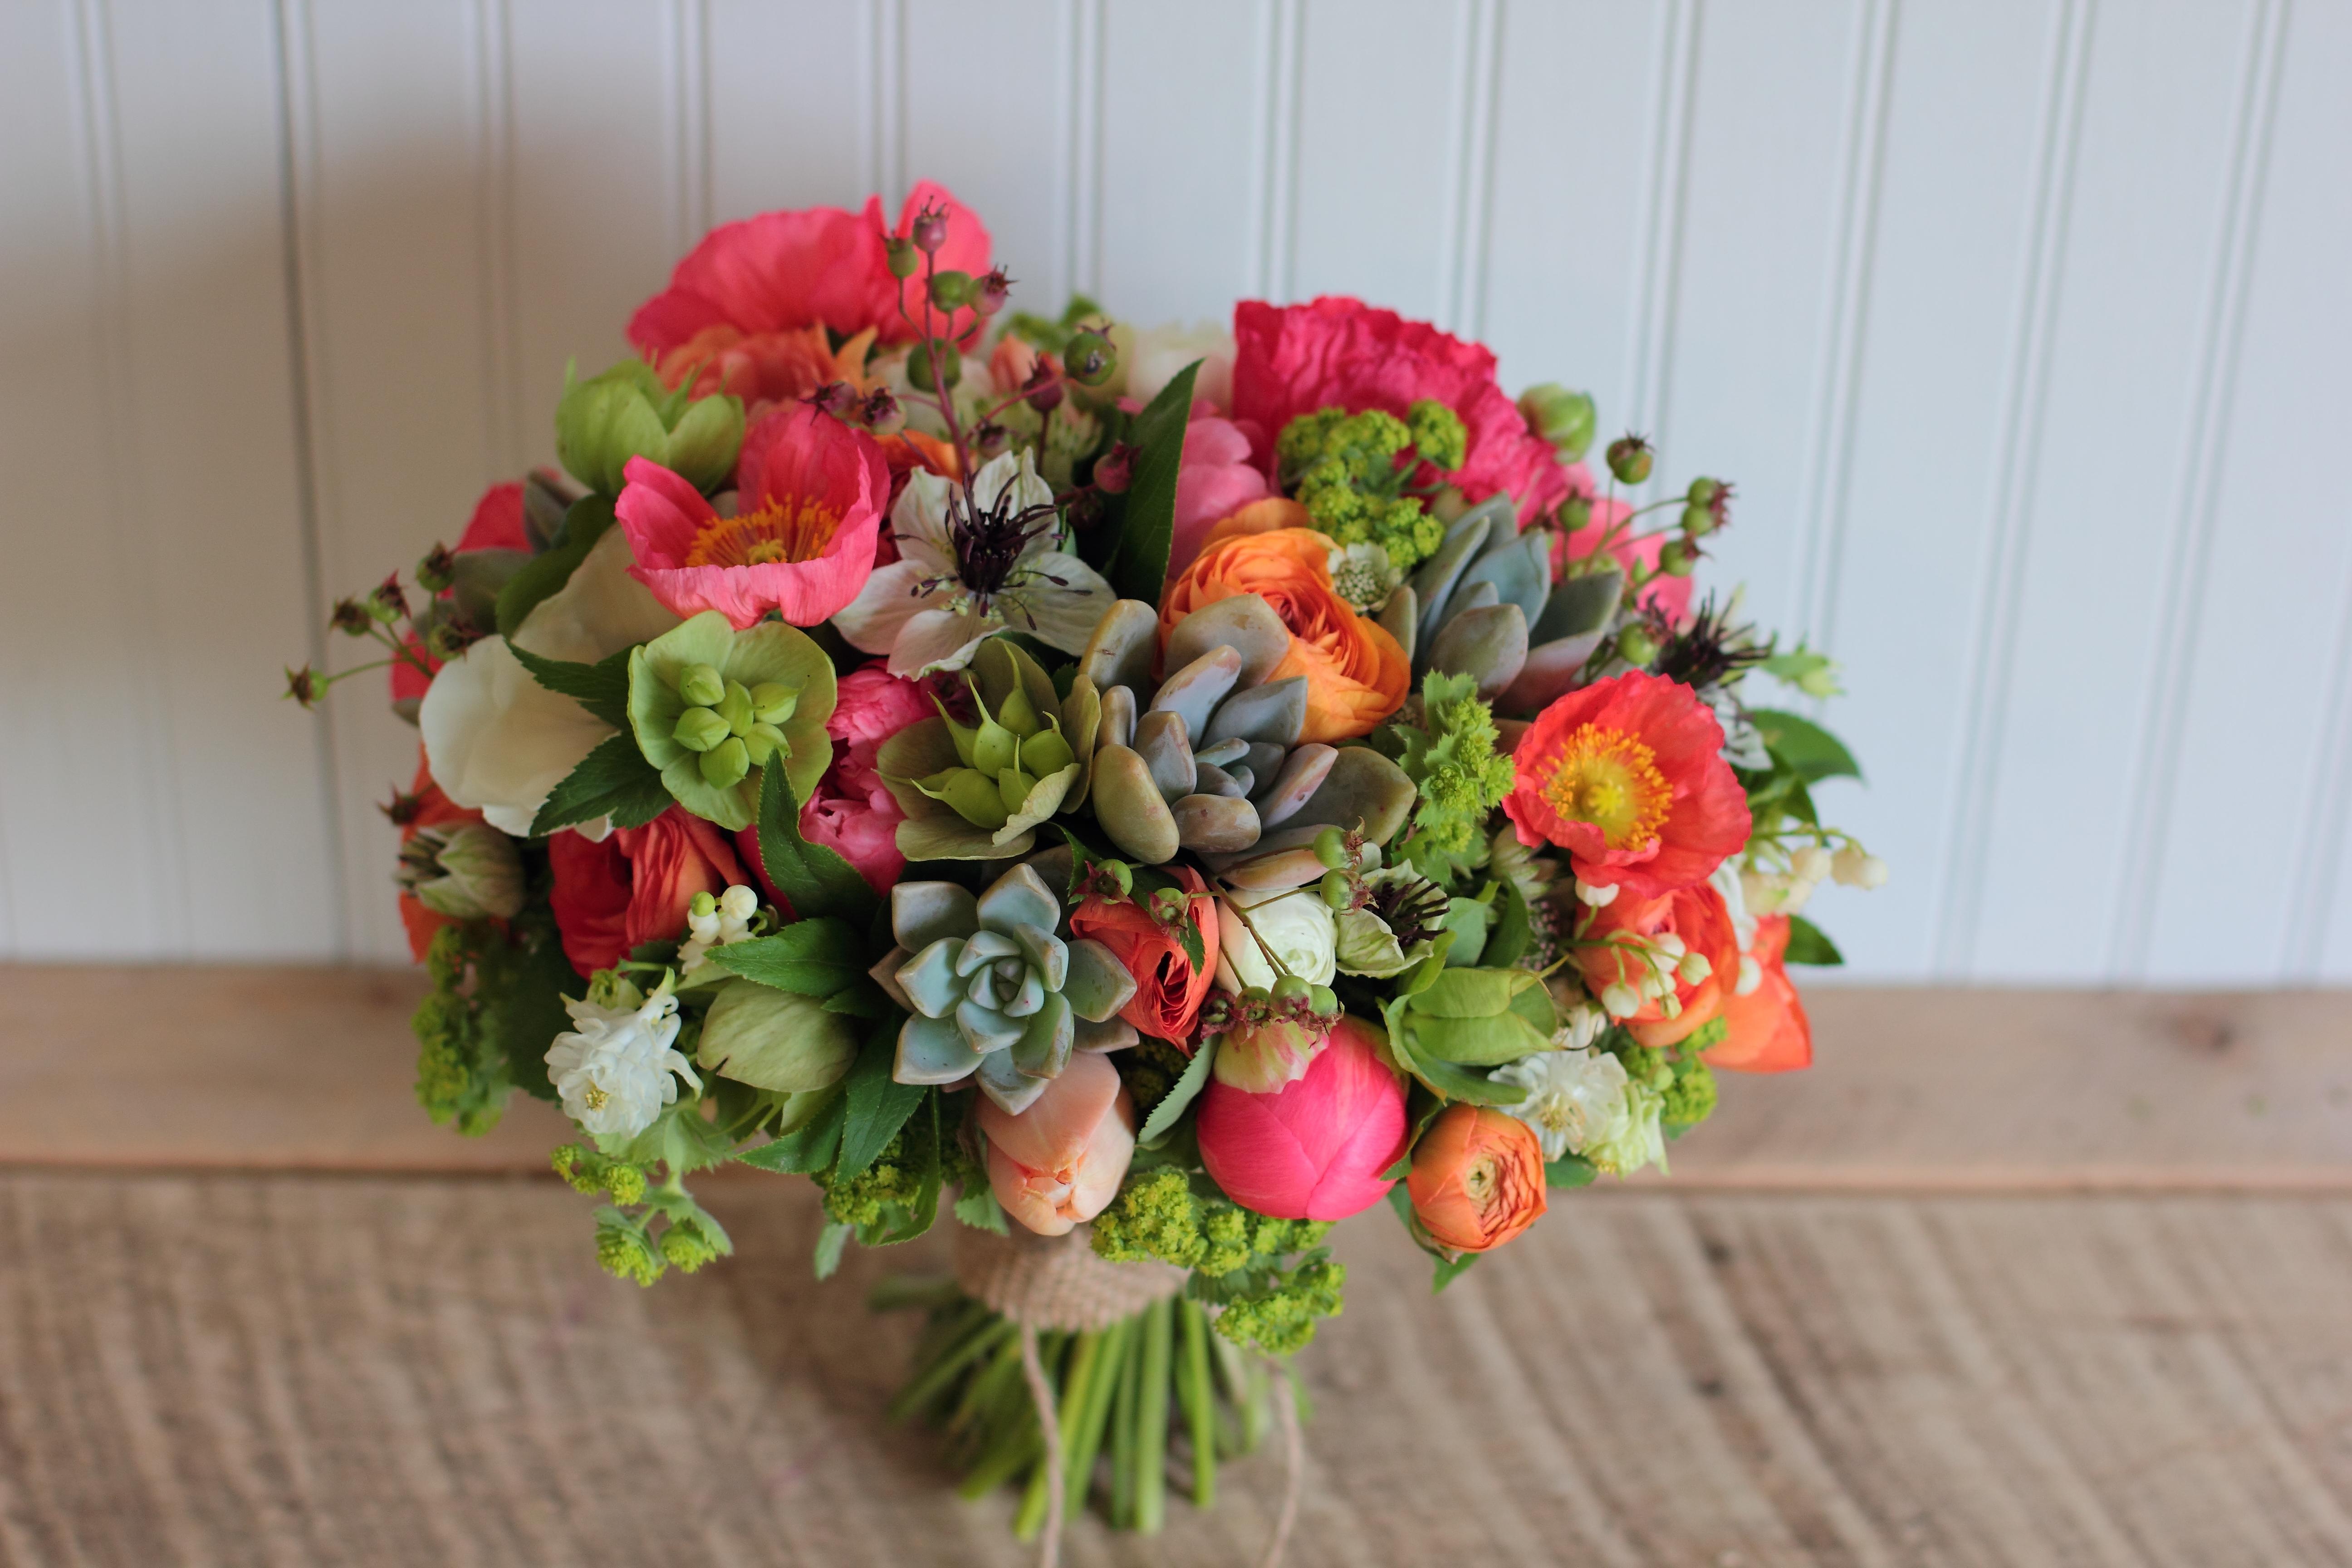 Delicate fresh flowers wallpaper | AllWallpaper.in #12977 | PC | en